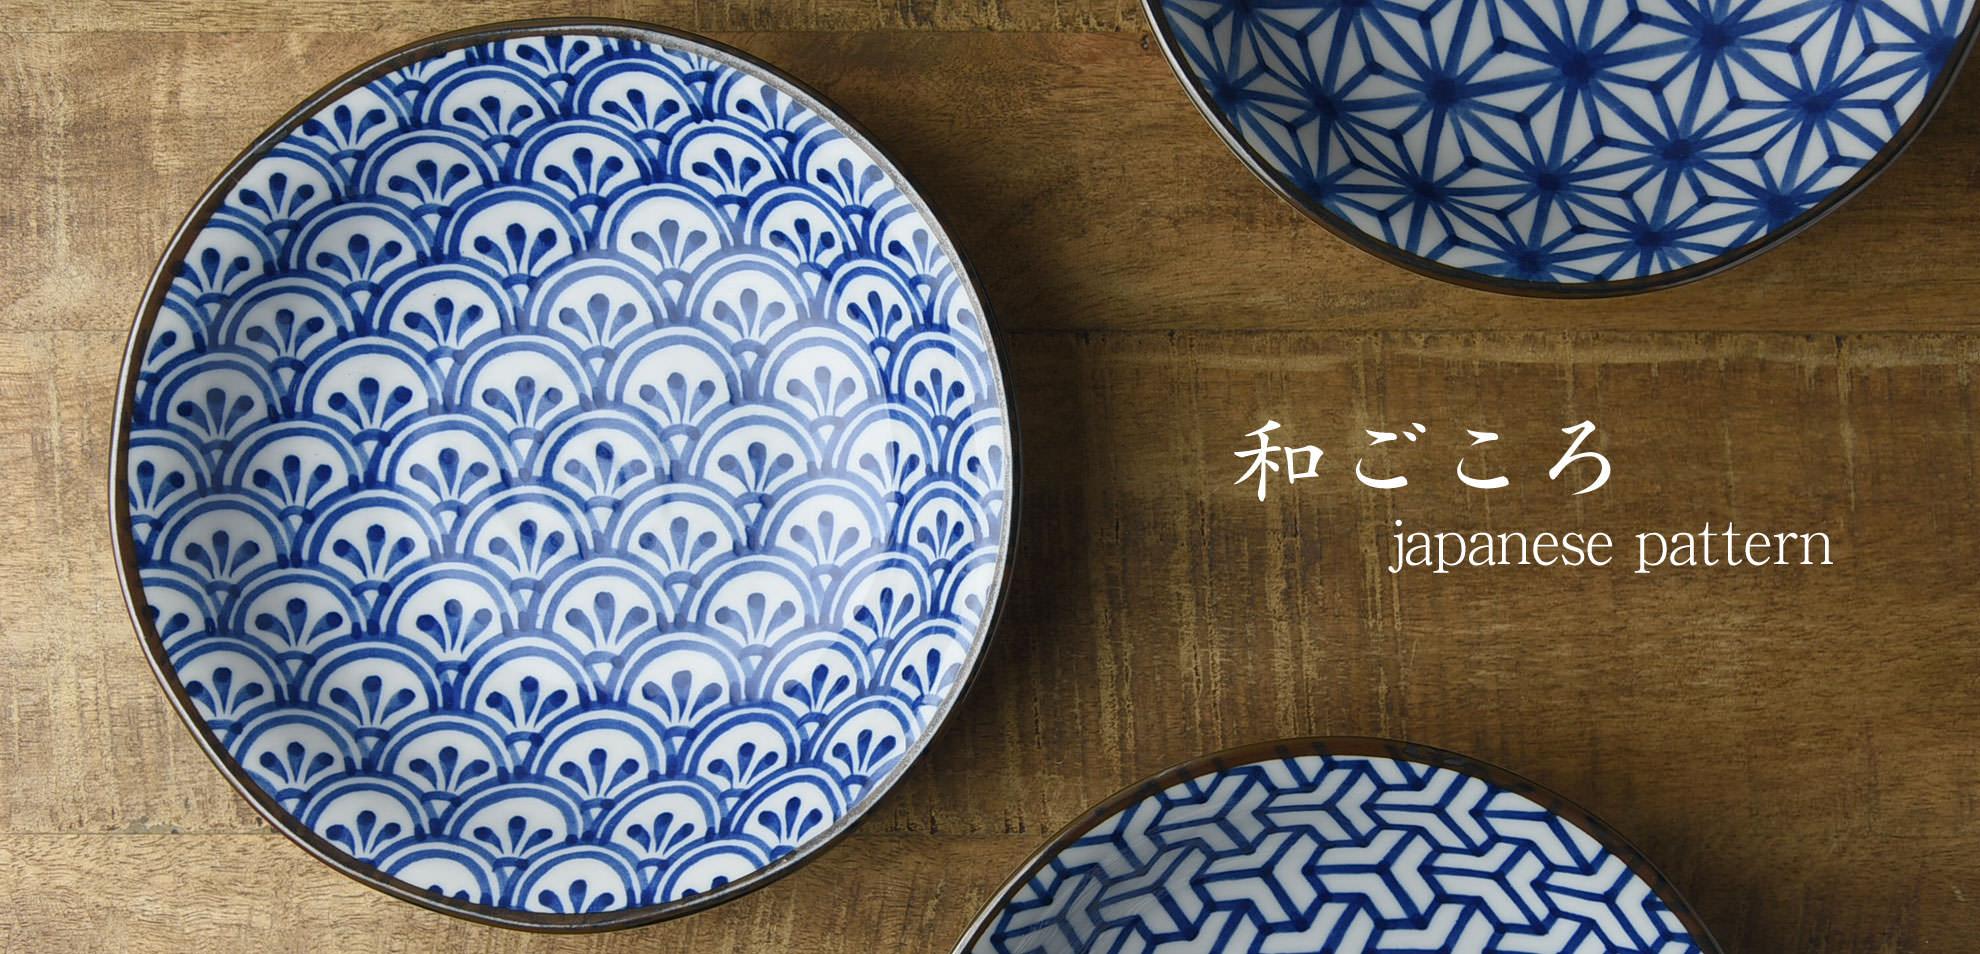 和ごころ -japanese pattern-